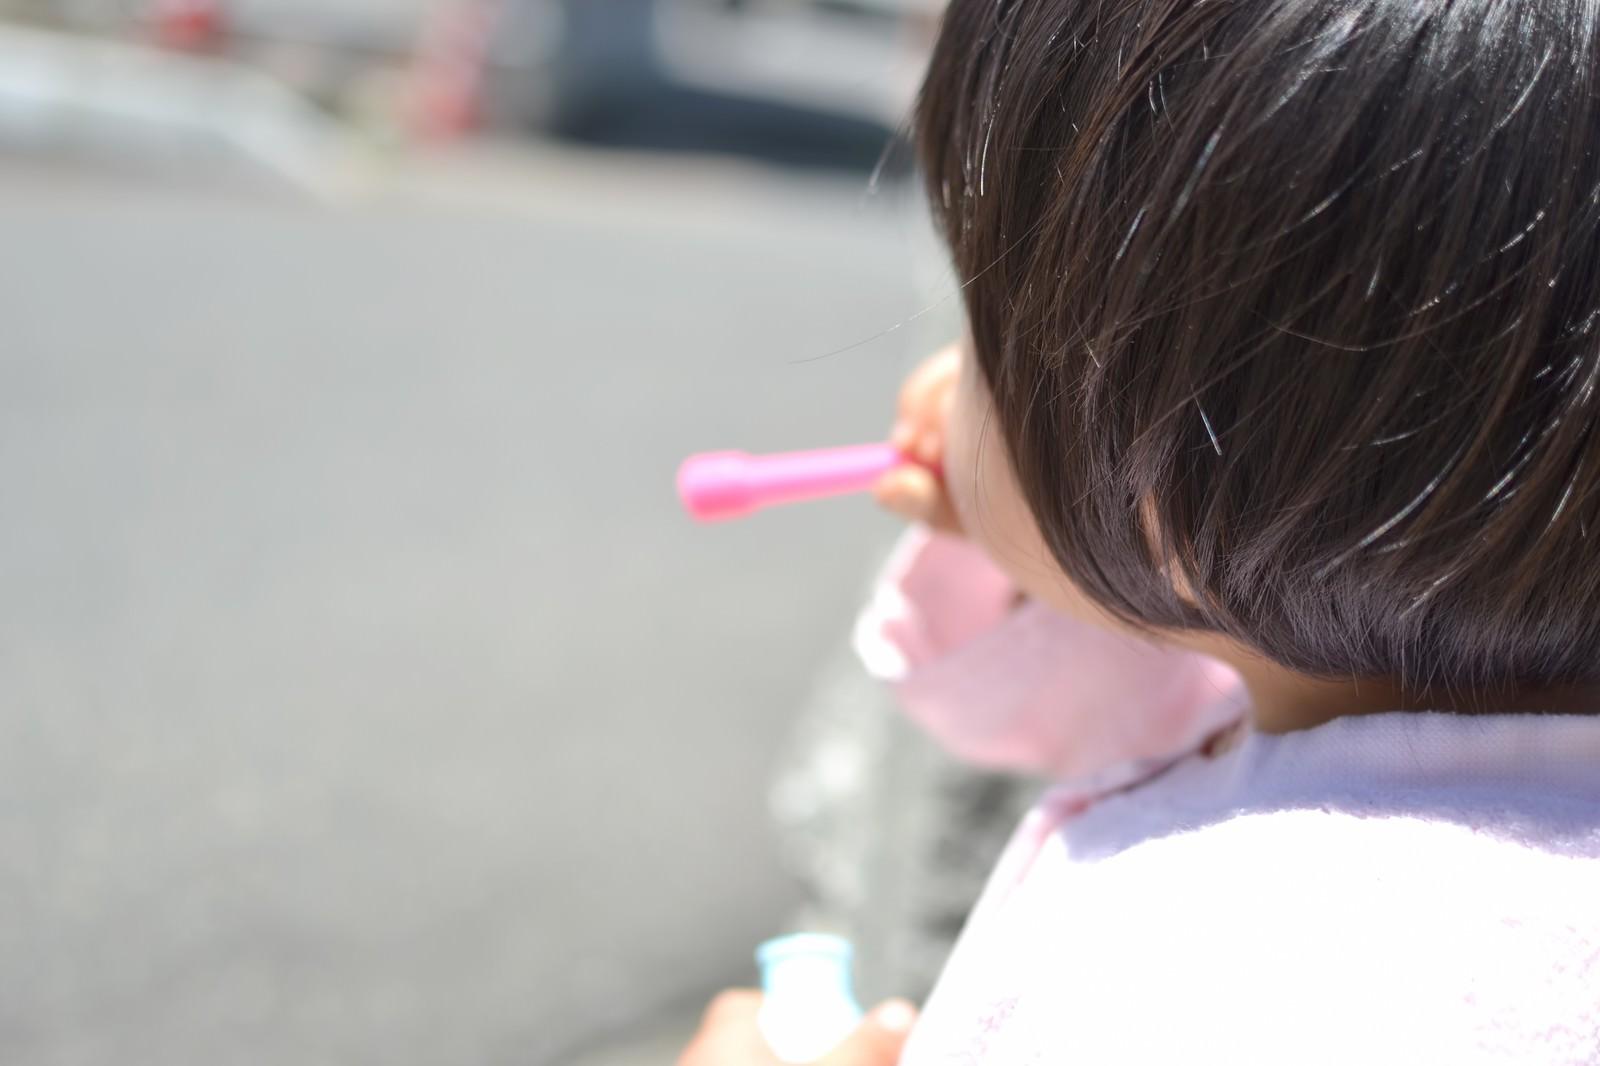 「「ぷー」っとシャボン玉を吹く子供」の写真